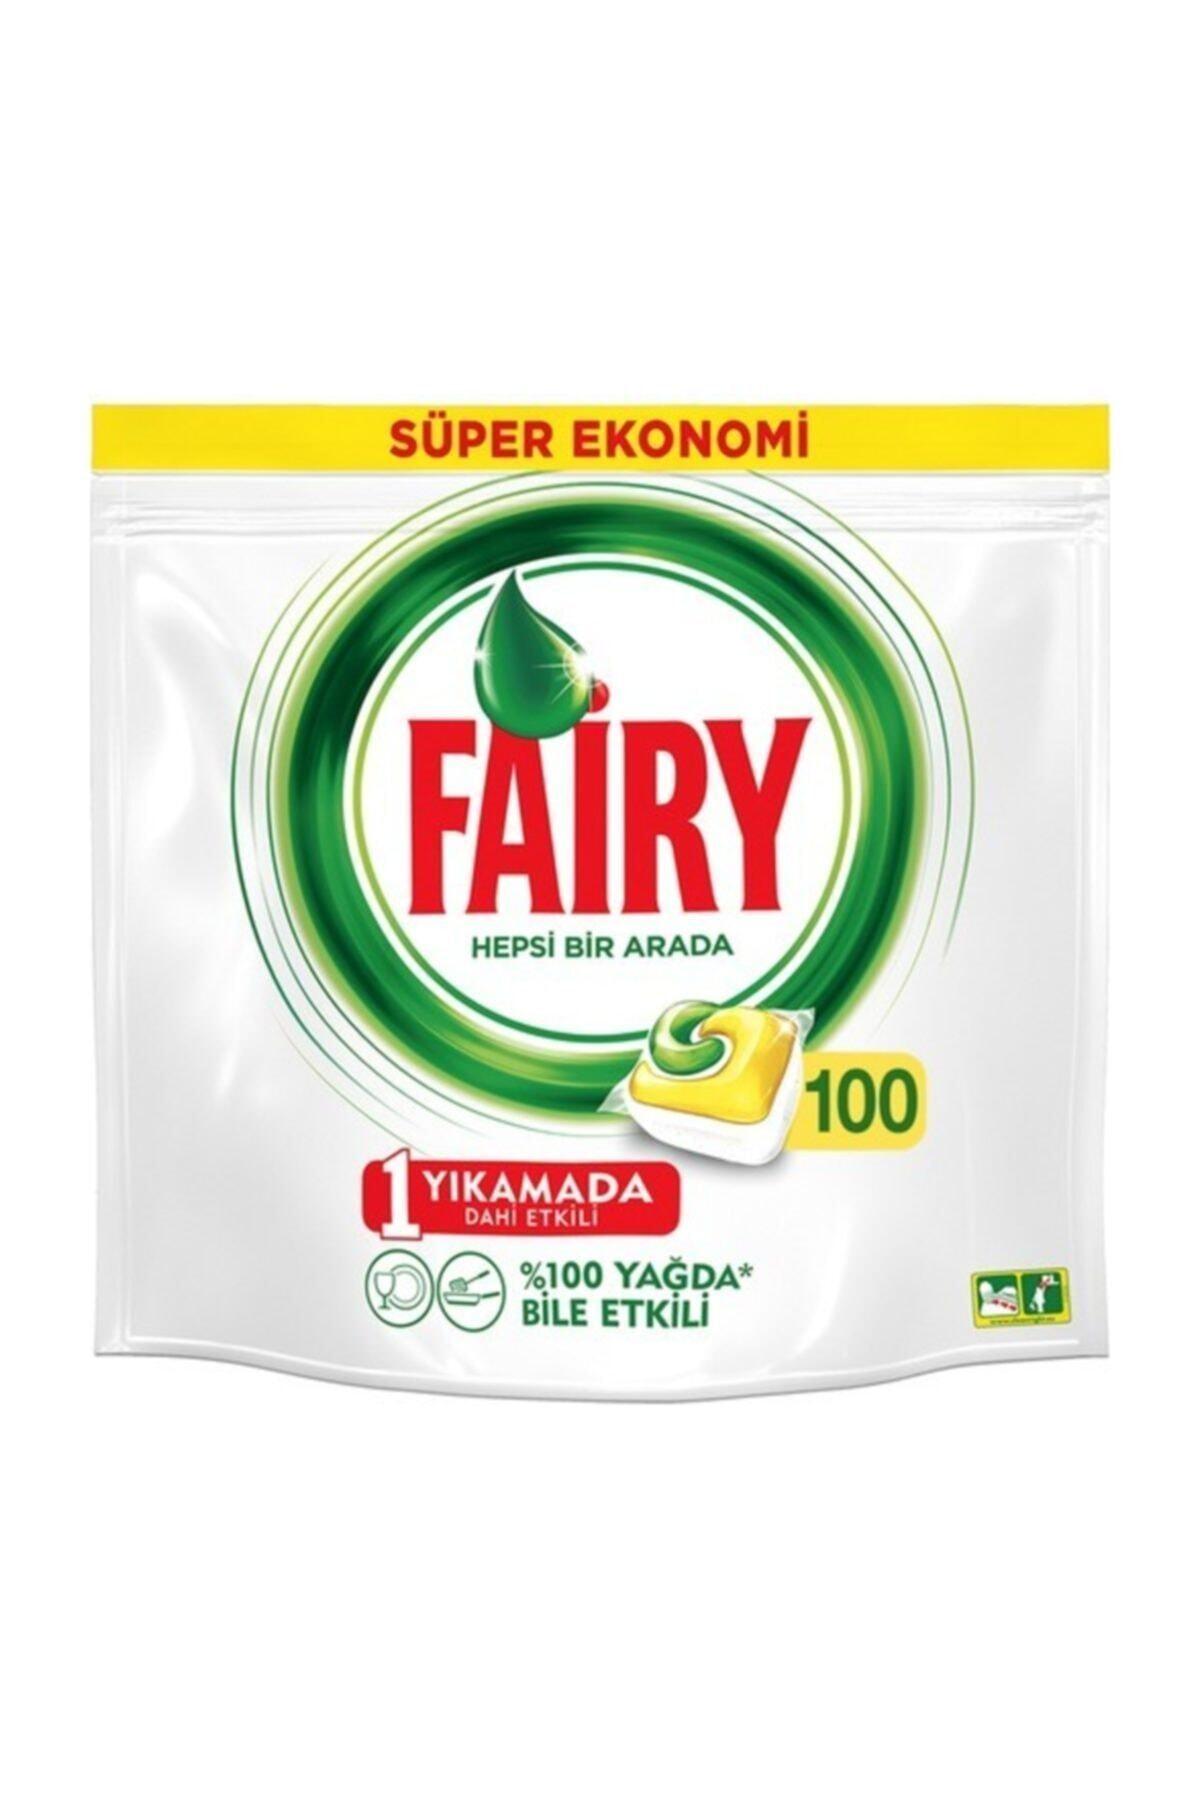 Fairy Hepsi Bir Arada Limon Kokulu Bulaşık Makinesi Deterjanı 100 Yıkama 1